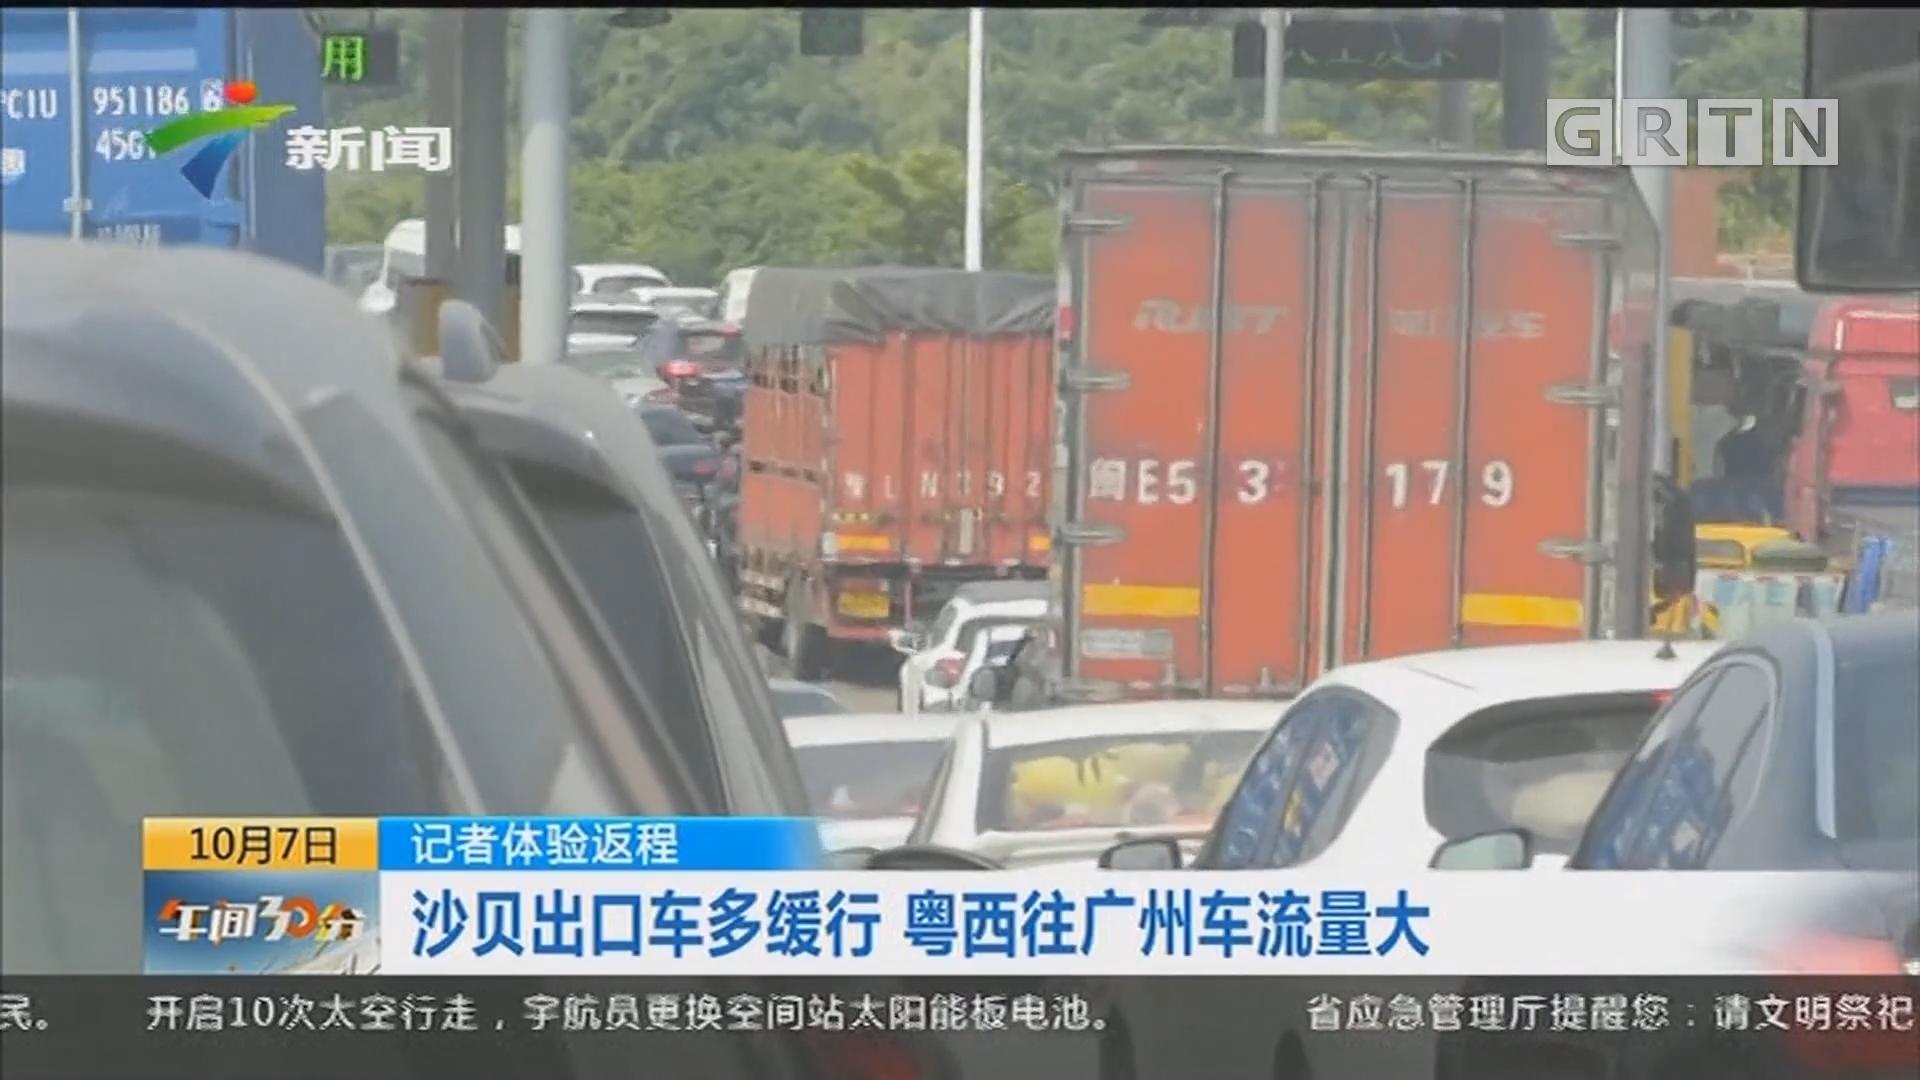 记者体验返程:沙贝出口车多缓慢 粤西往广州车流量大